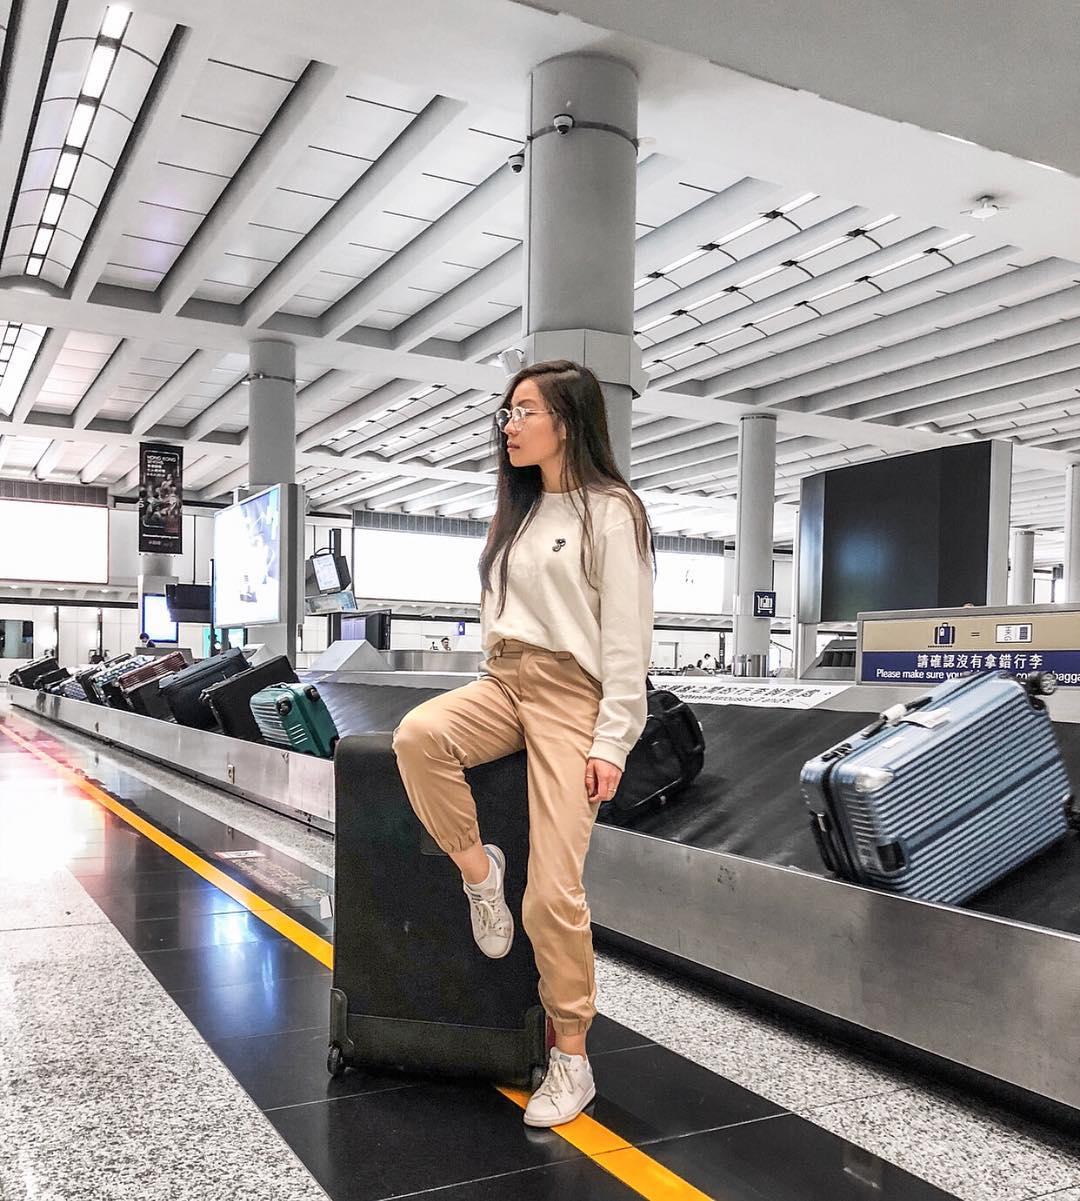 Phải làm gì với những tình huống bất ngờ nhưng thường gặp khi đi du lịch?